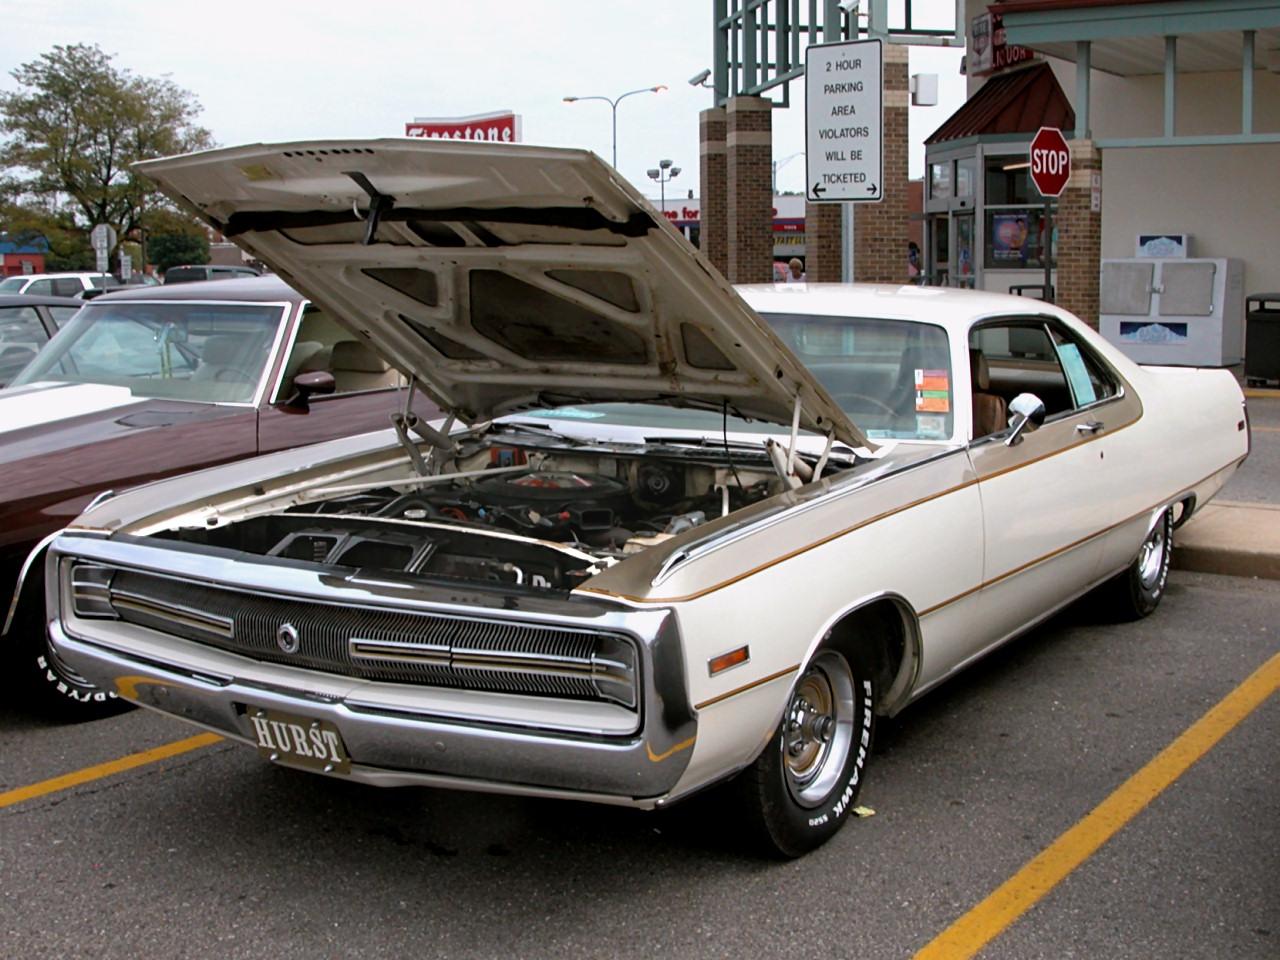 1970 Chrysler Hurst 300 Hardtop Hurst Gold Poly Spinnaker White Fvl 2005 Dream Cruise N